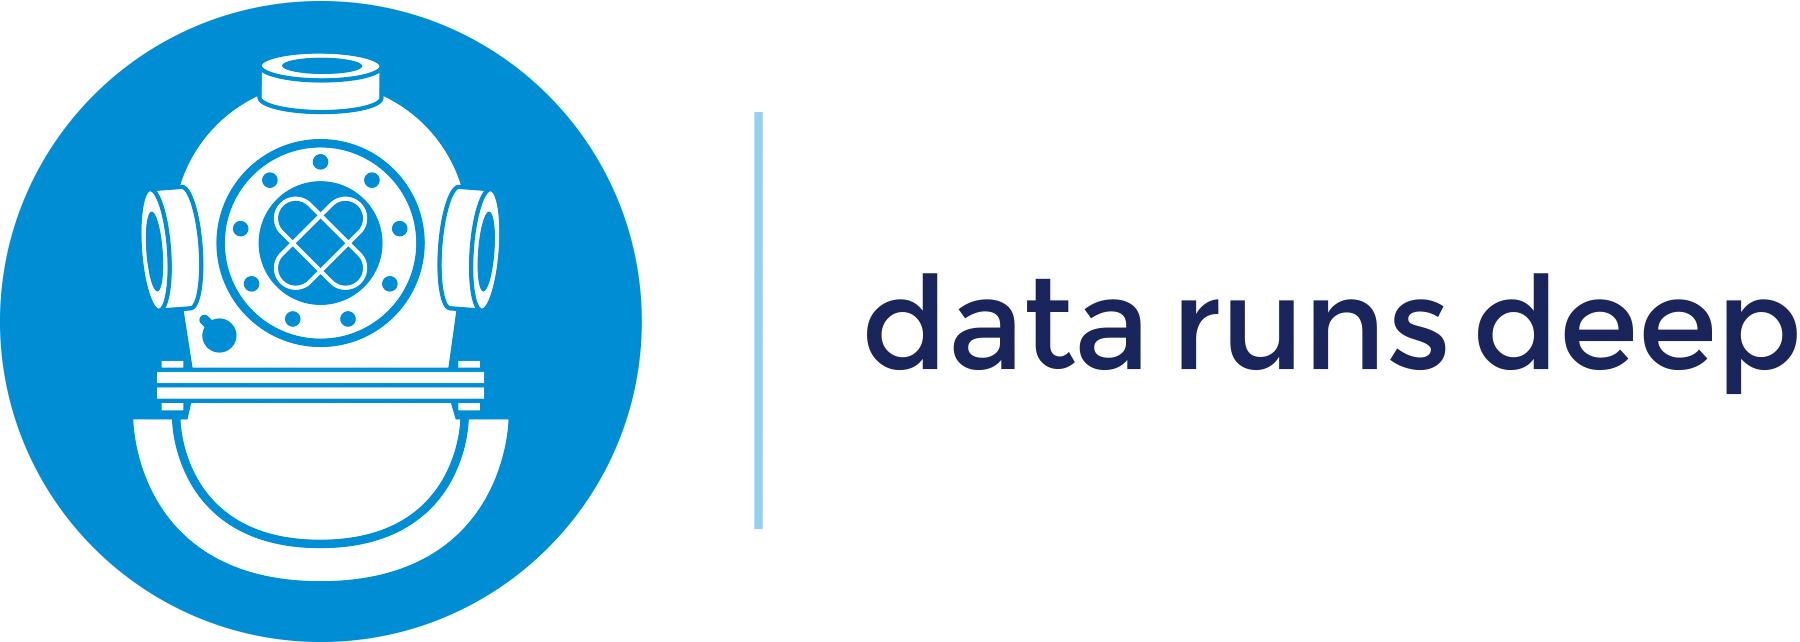 datarunsdeep